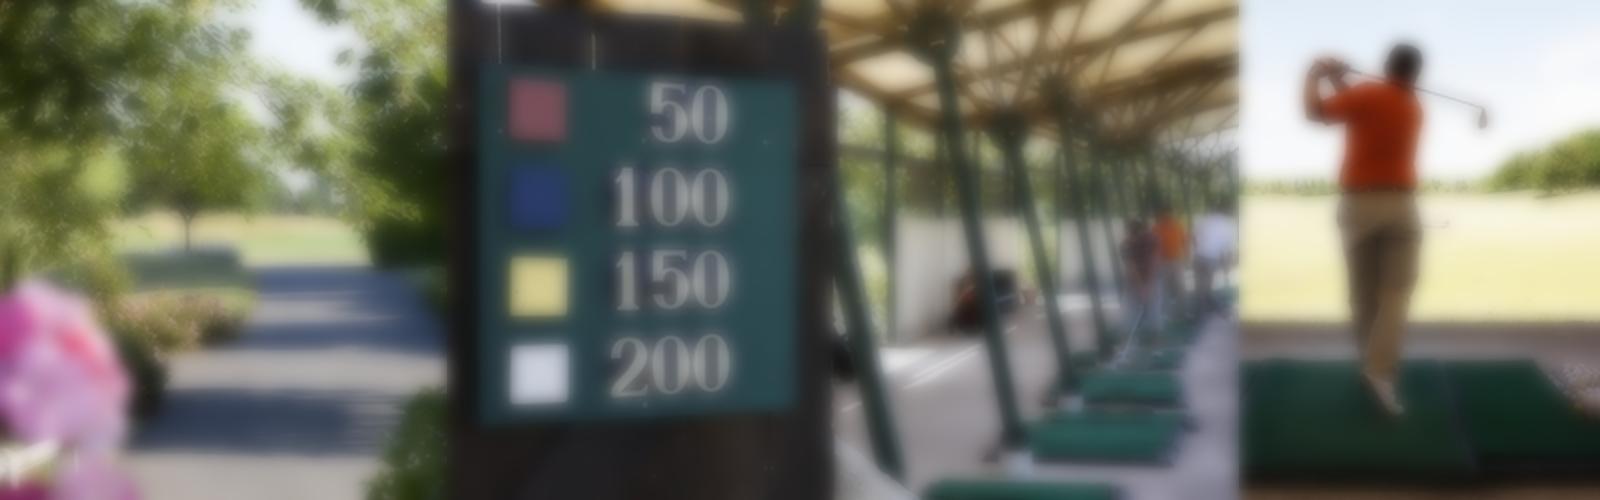 valgrandflou1600